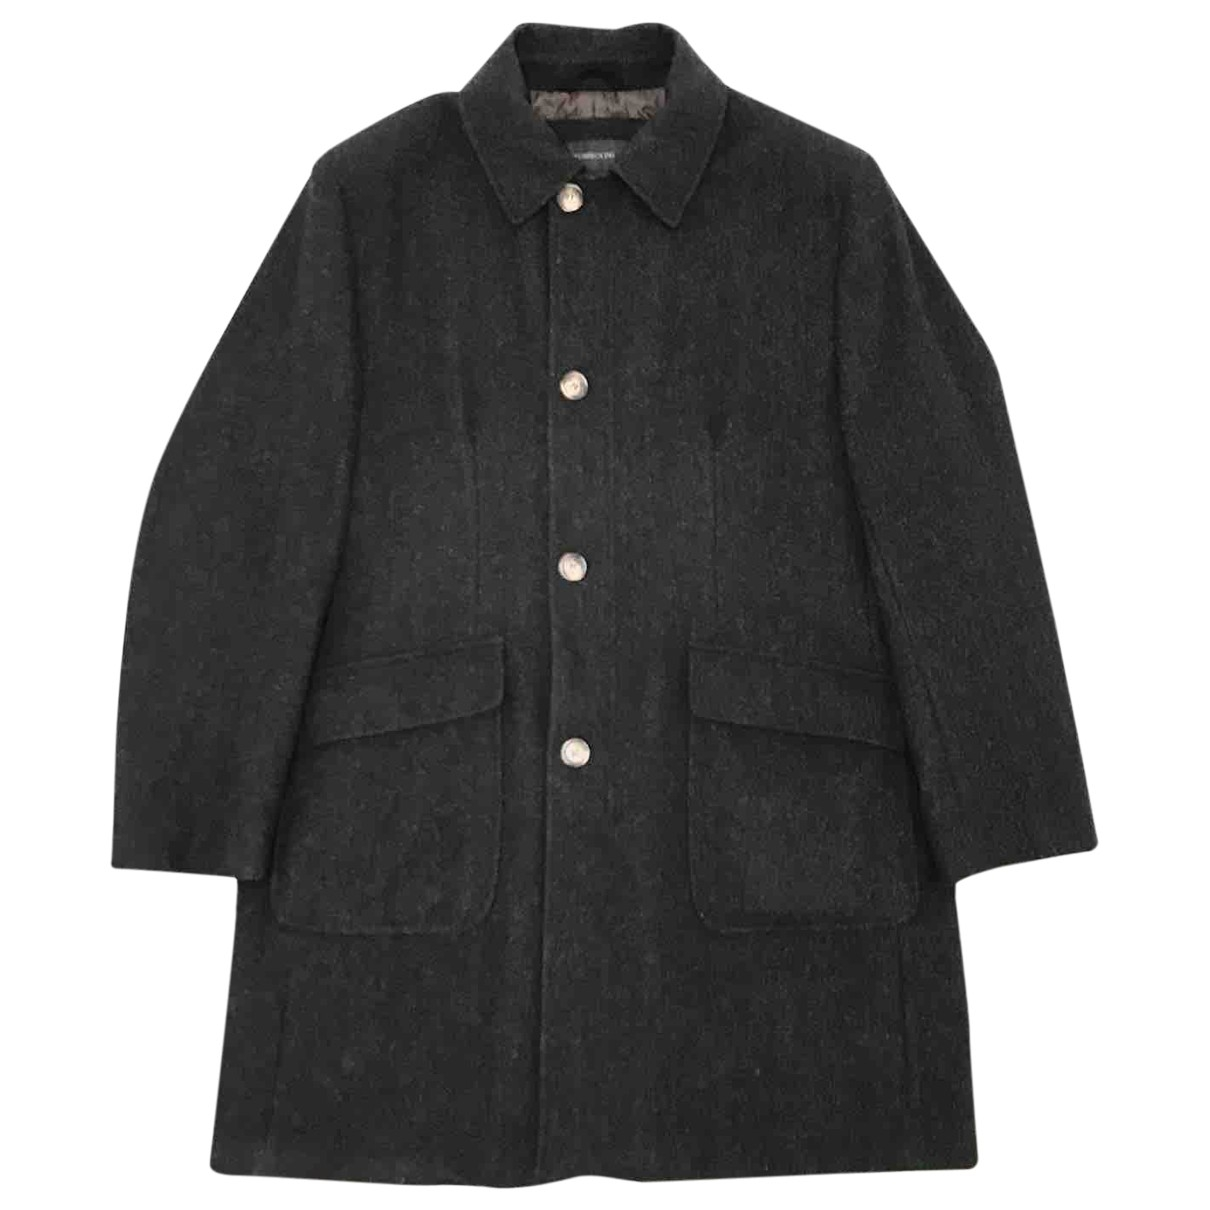 Tombolini - Manteau   pour homme en laine - anthracite